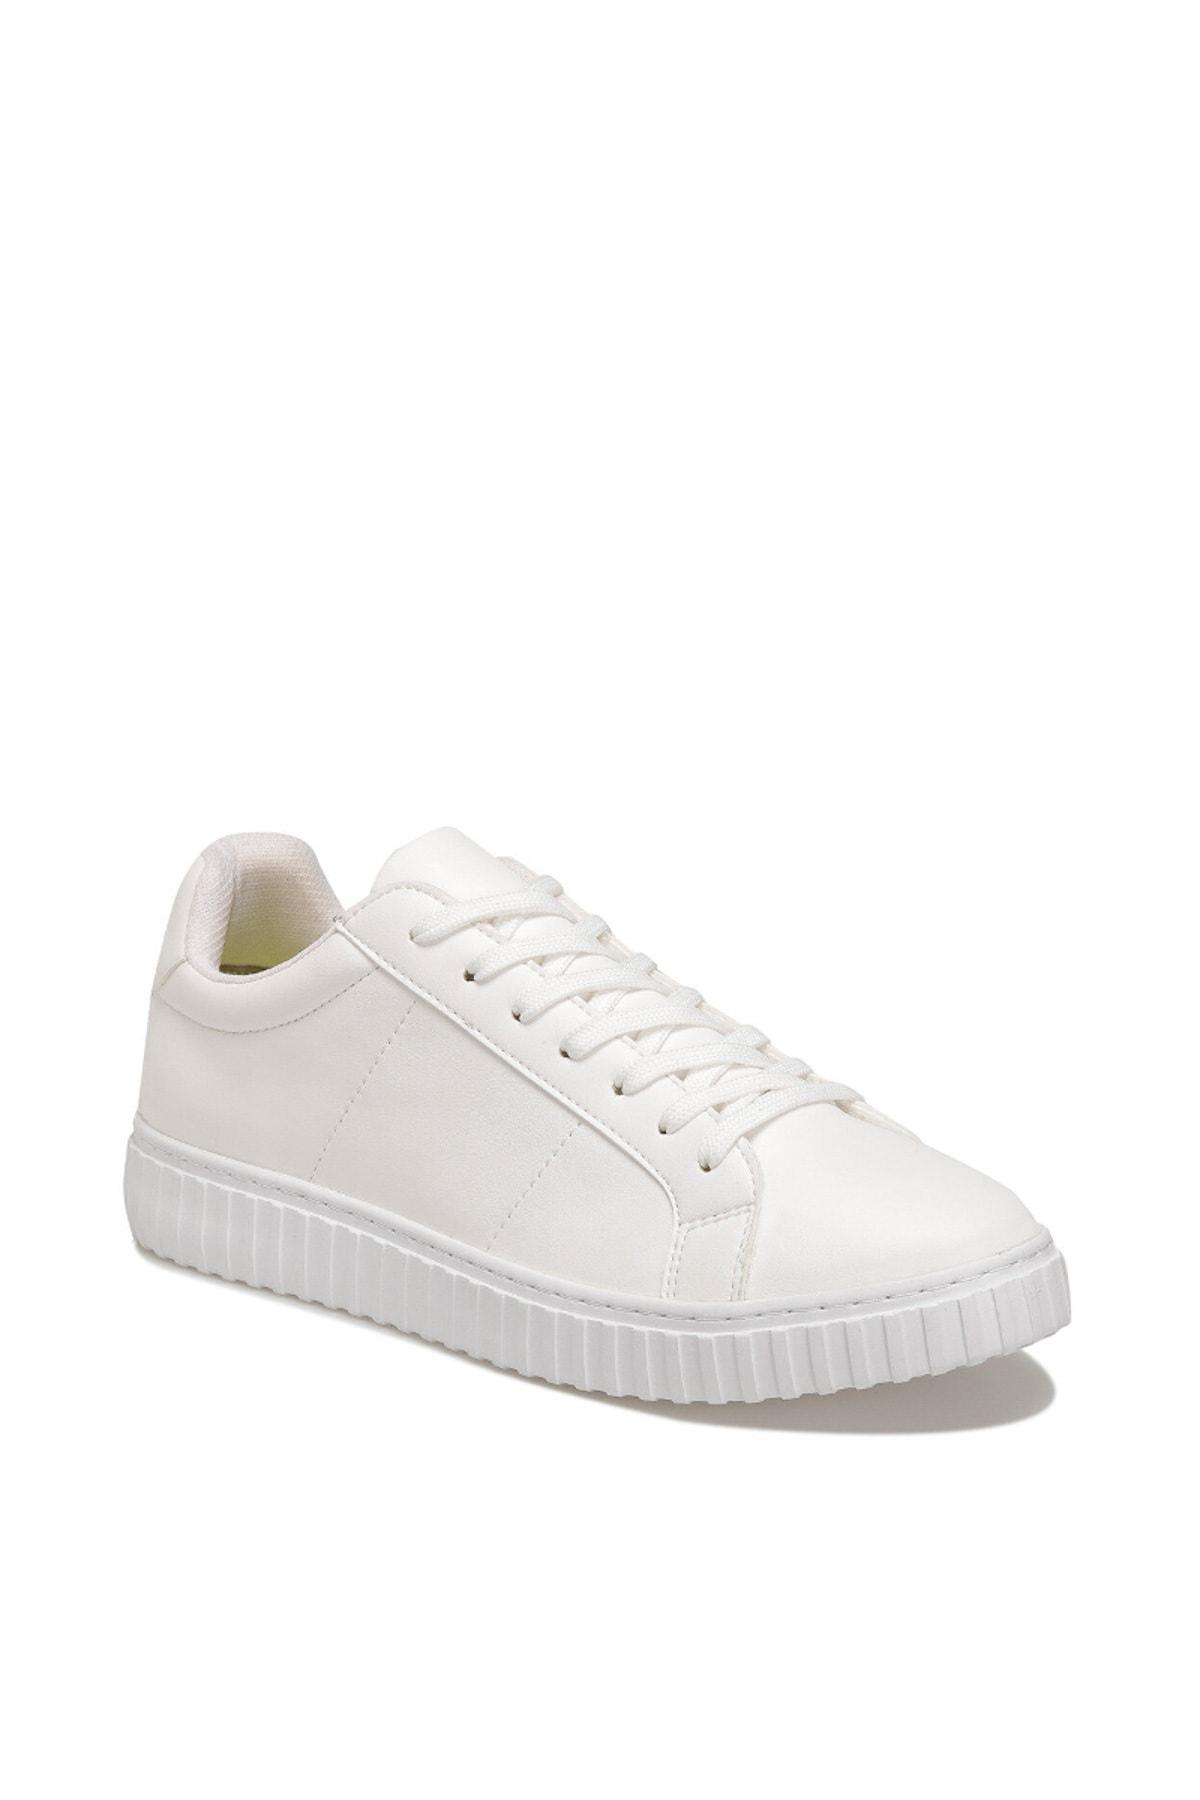 FORESTER 89407-B C 19 Beyaz Erkek Basic Casual Ayakkabı 100524419 1